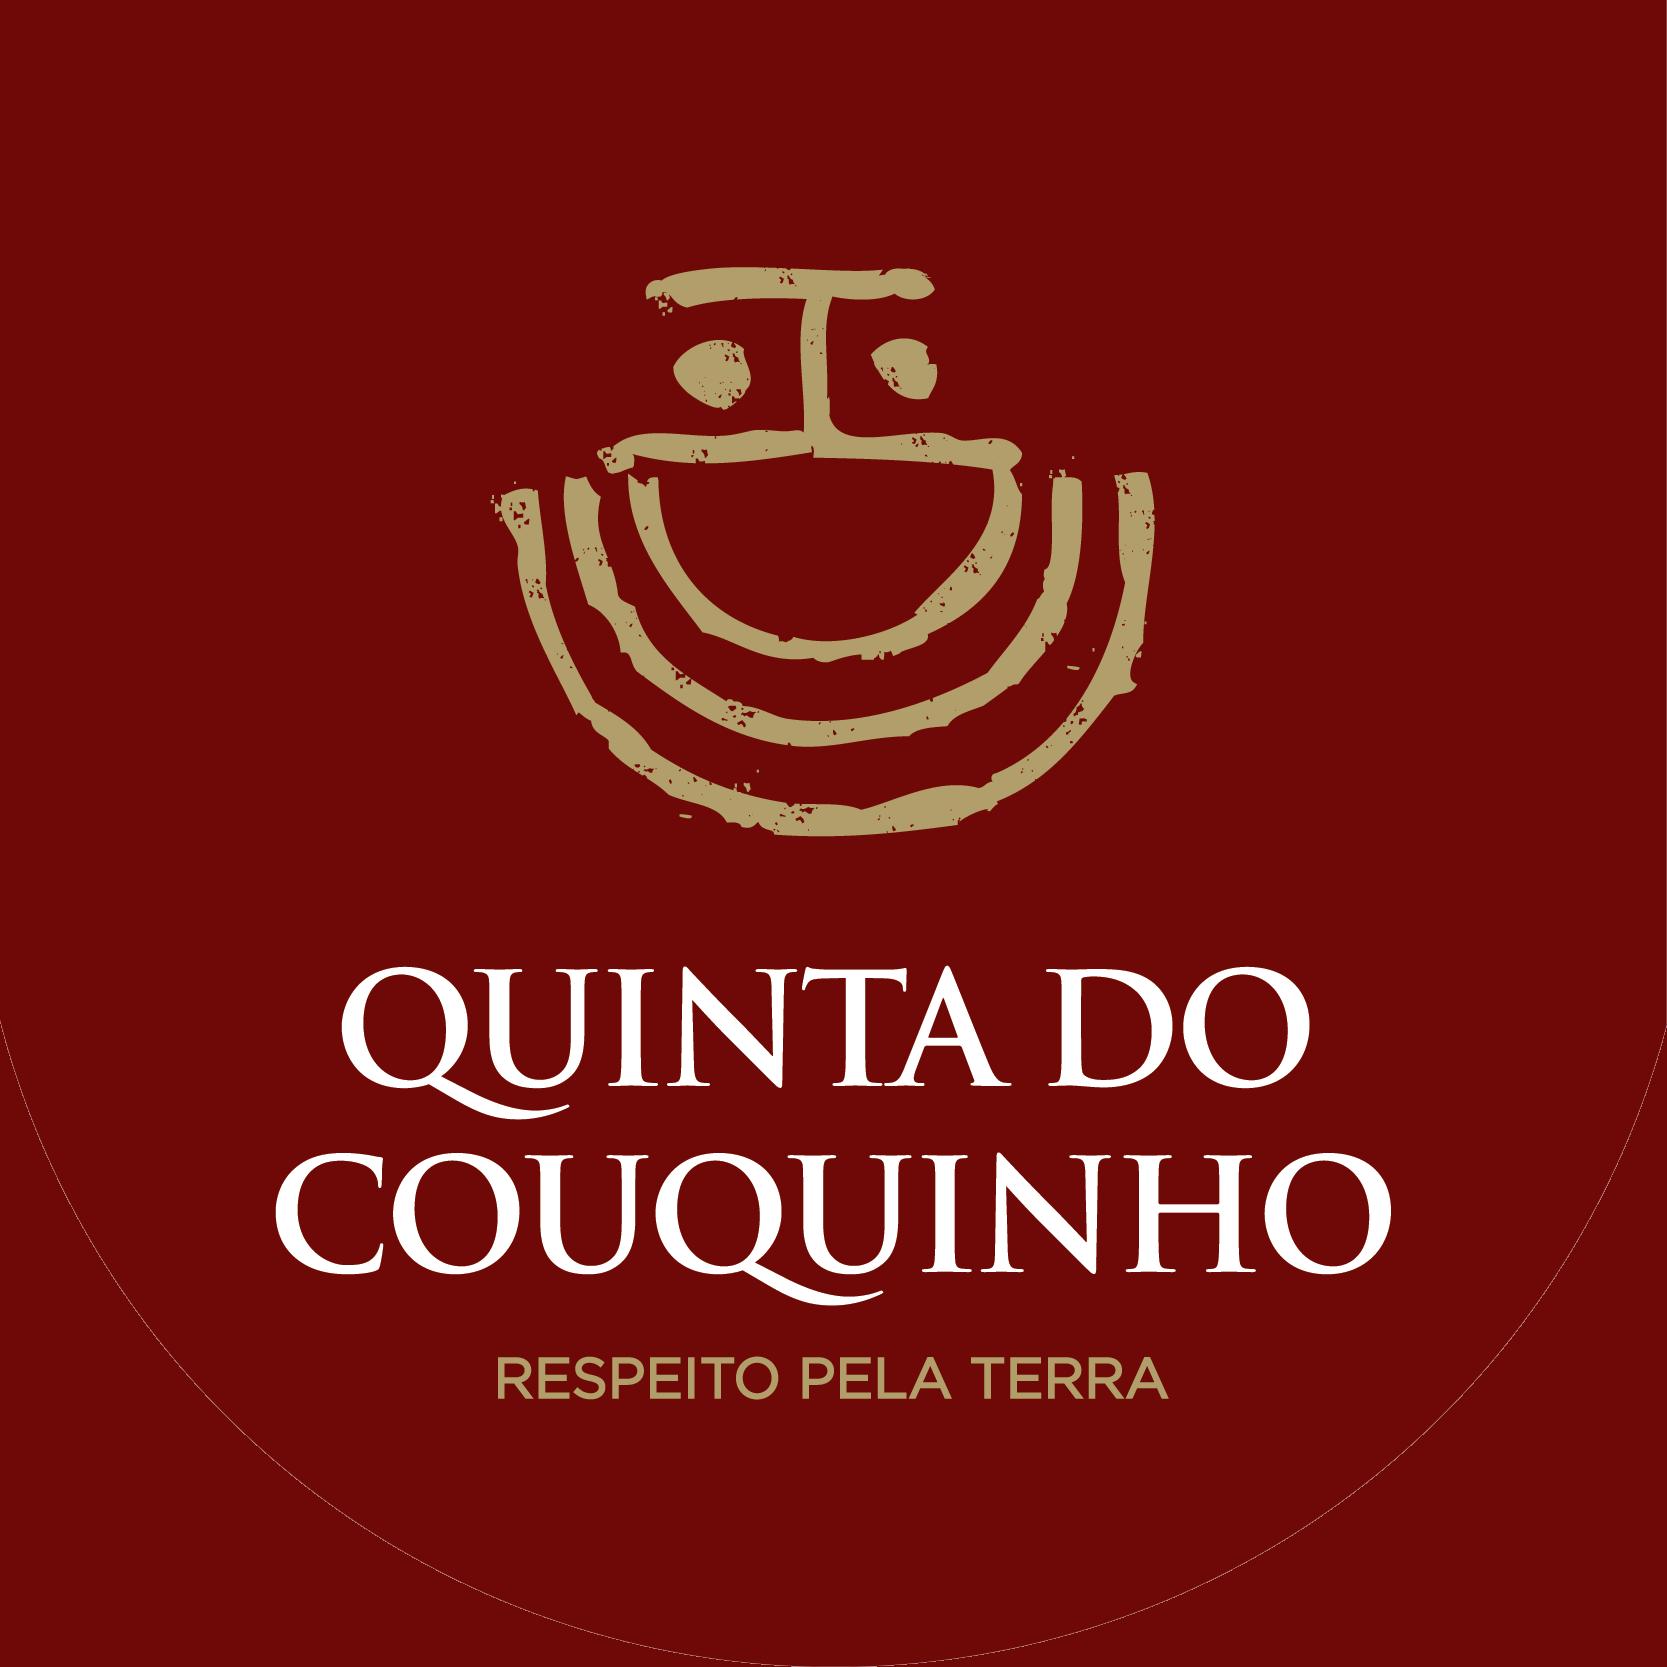 Quinta do Couquinho